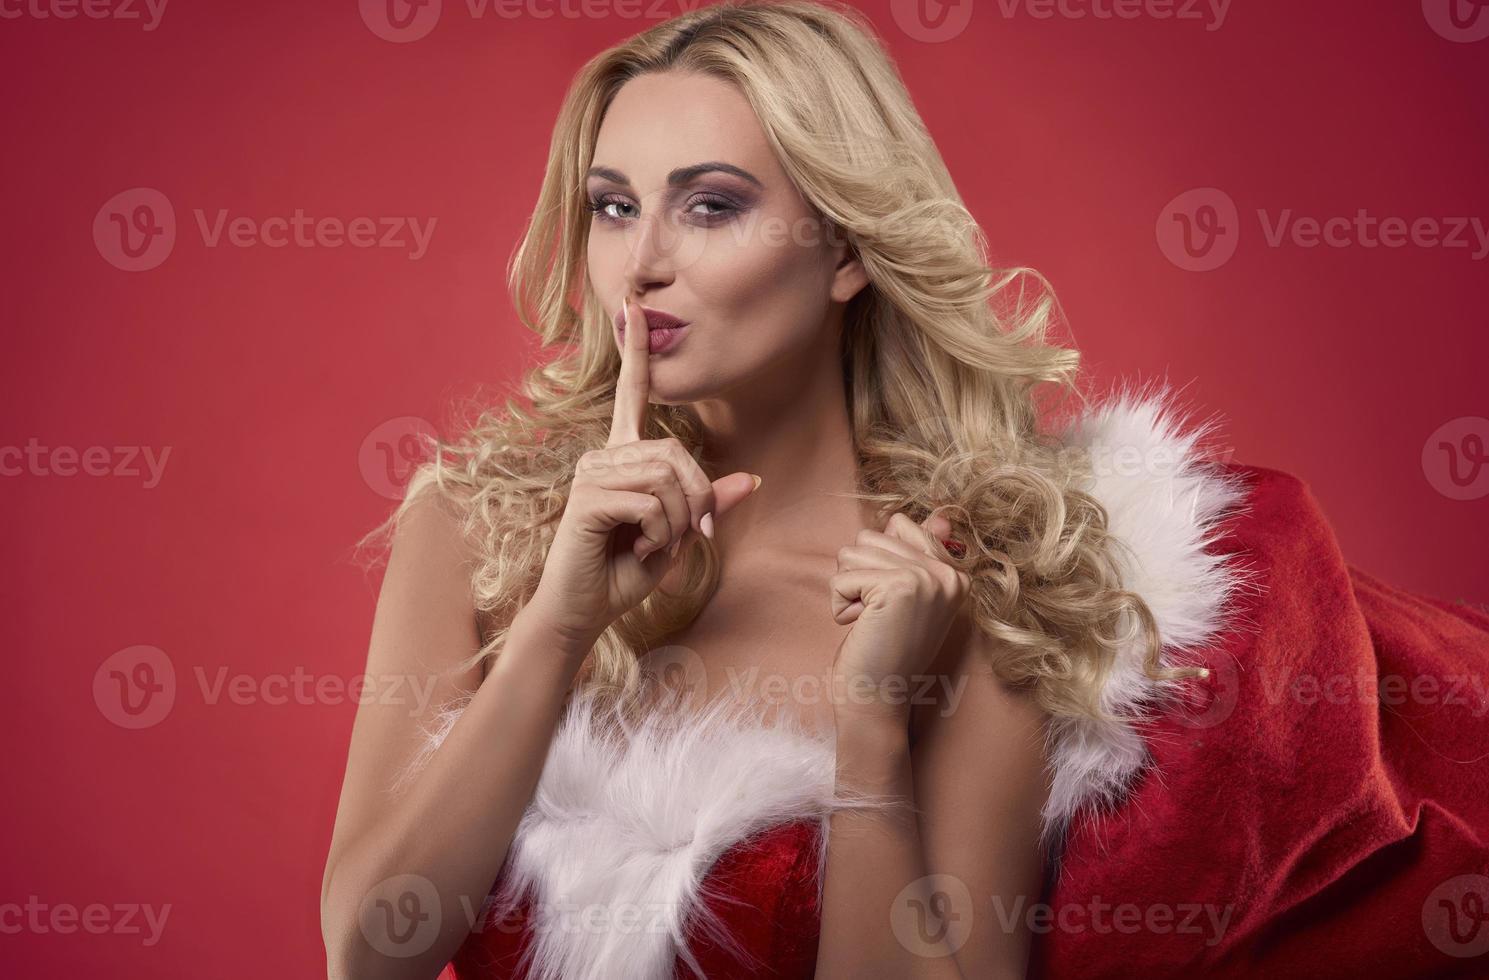 Ik heb iets voor je achtergelaten onder de kerstboom foto